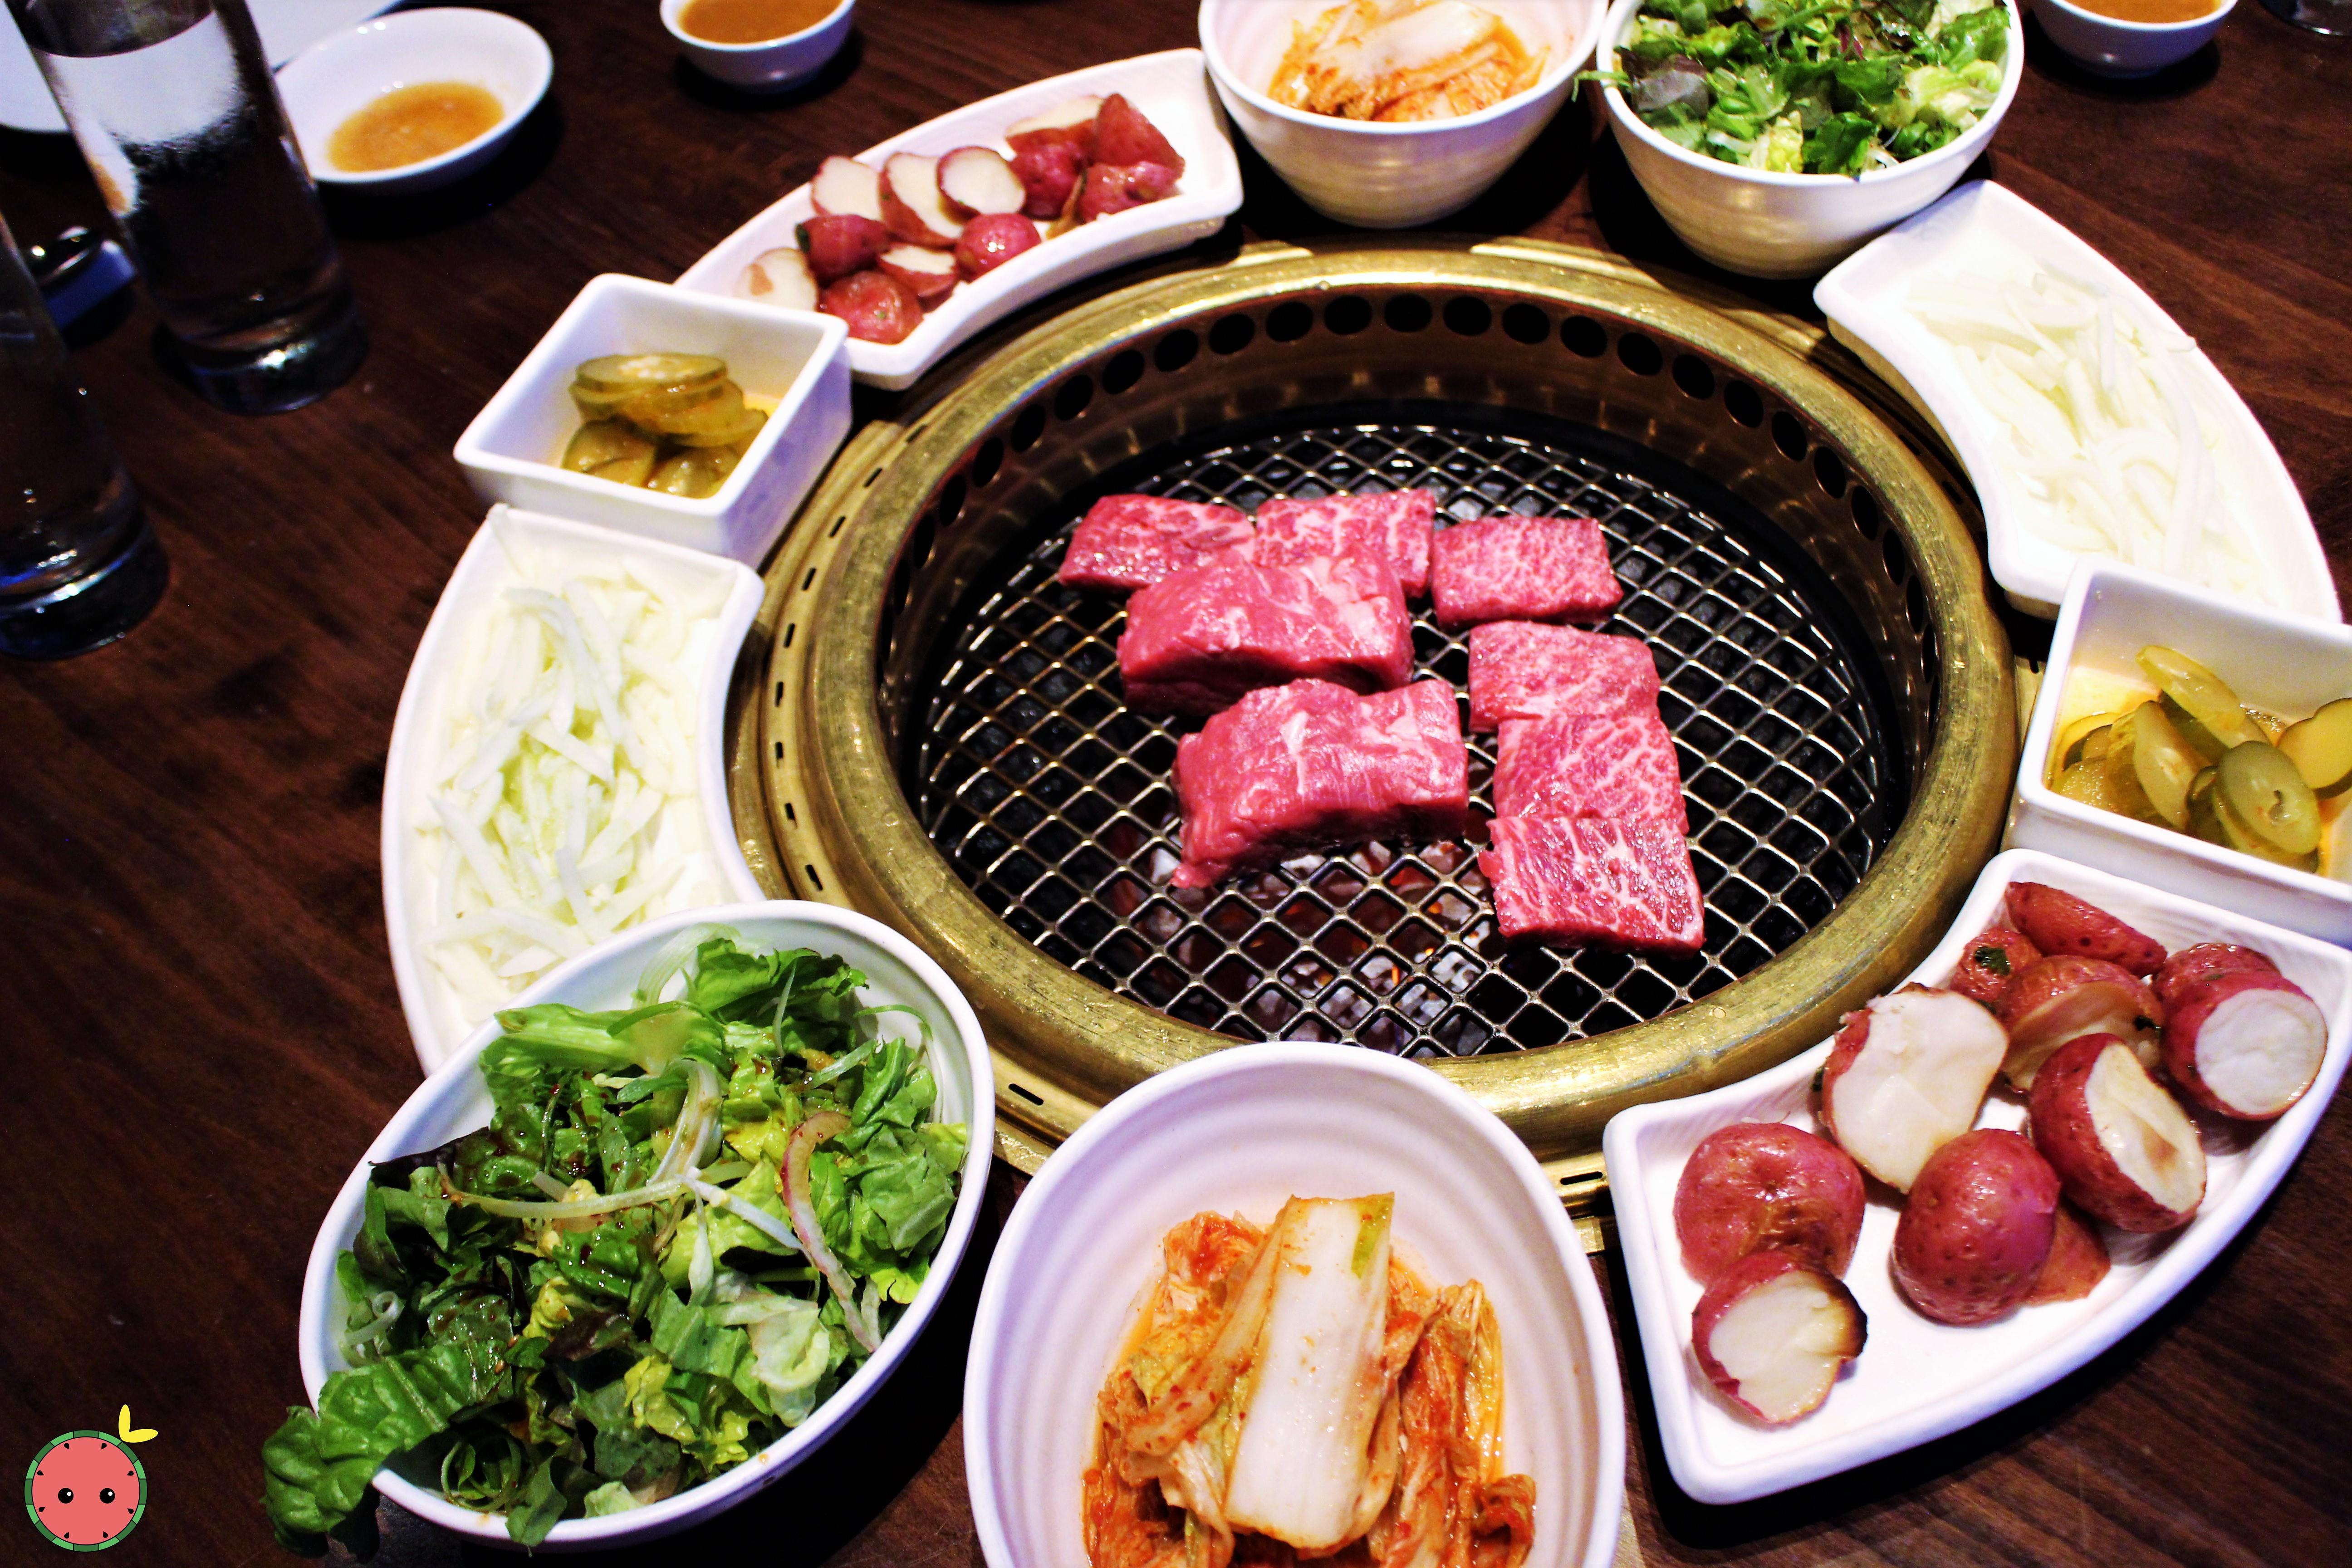 Combo 1 BBQ - Seng galbi, marinated galbi, bulgogi, ribeye